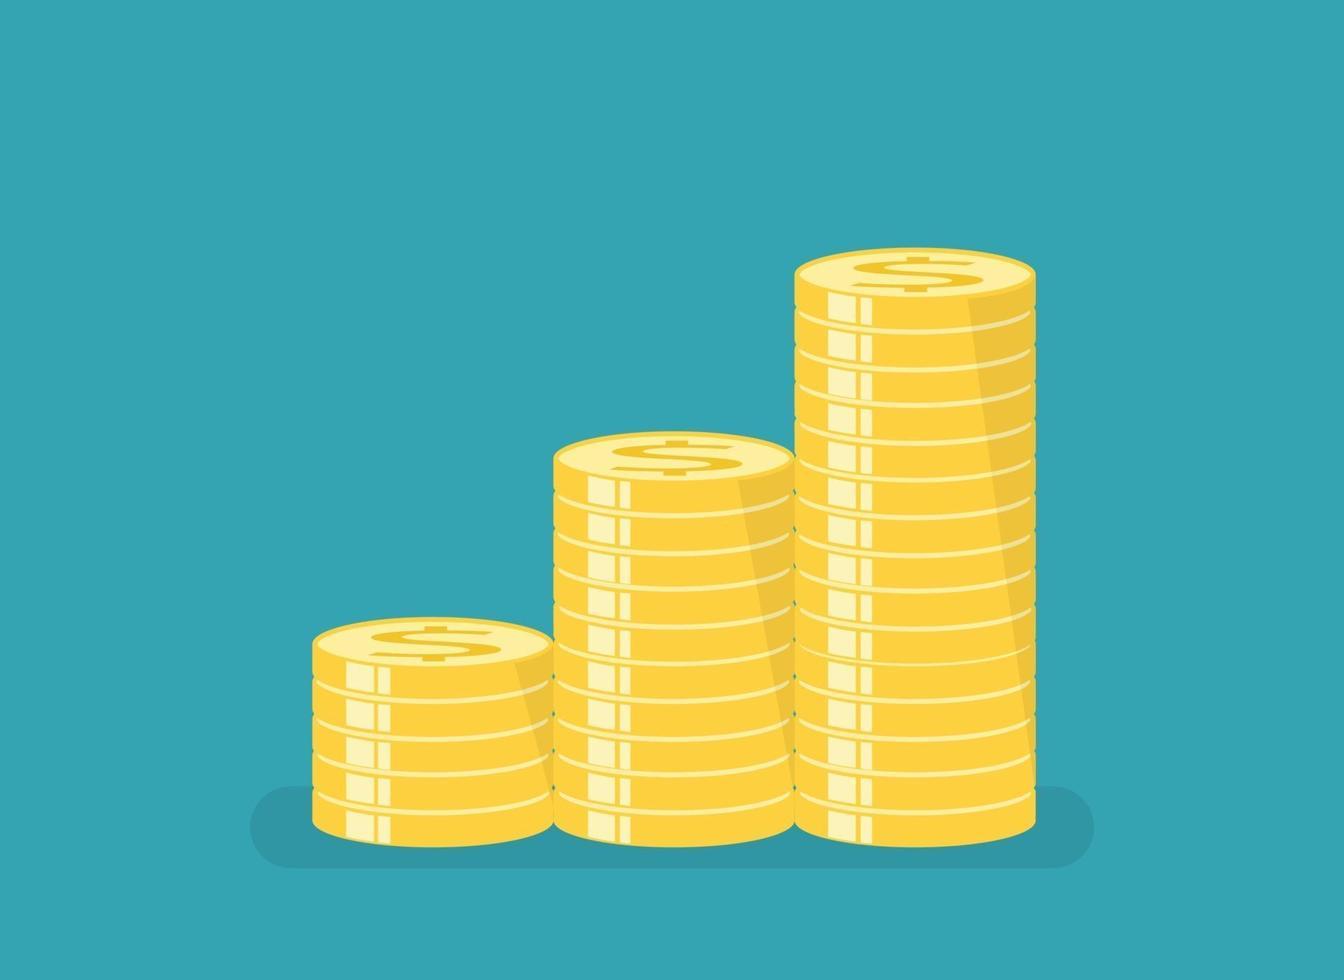 monete d'oro con ordinamento a gradini. illustrazione vettoriale